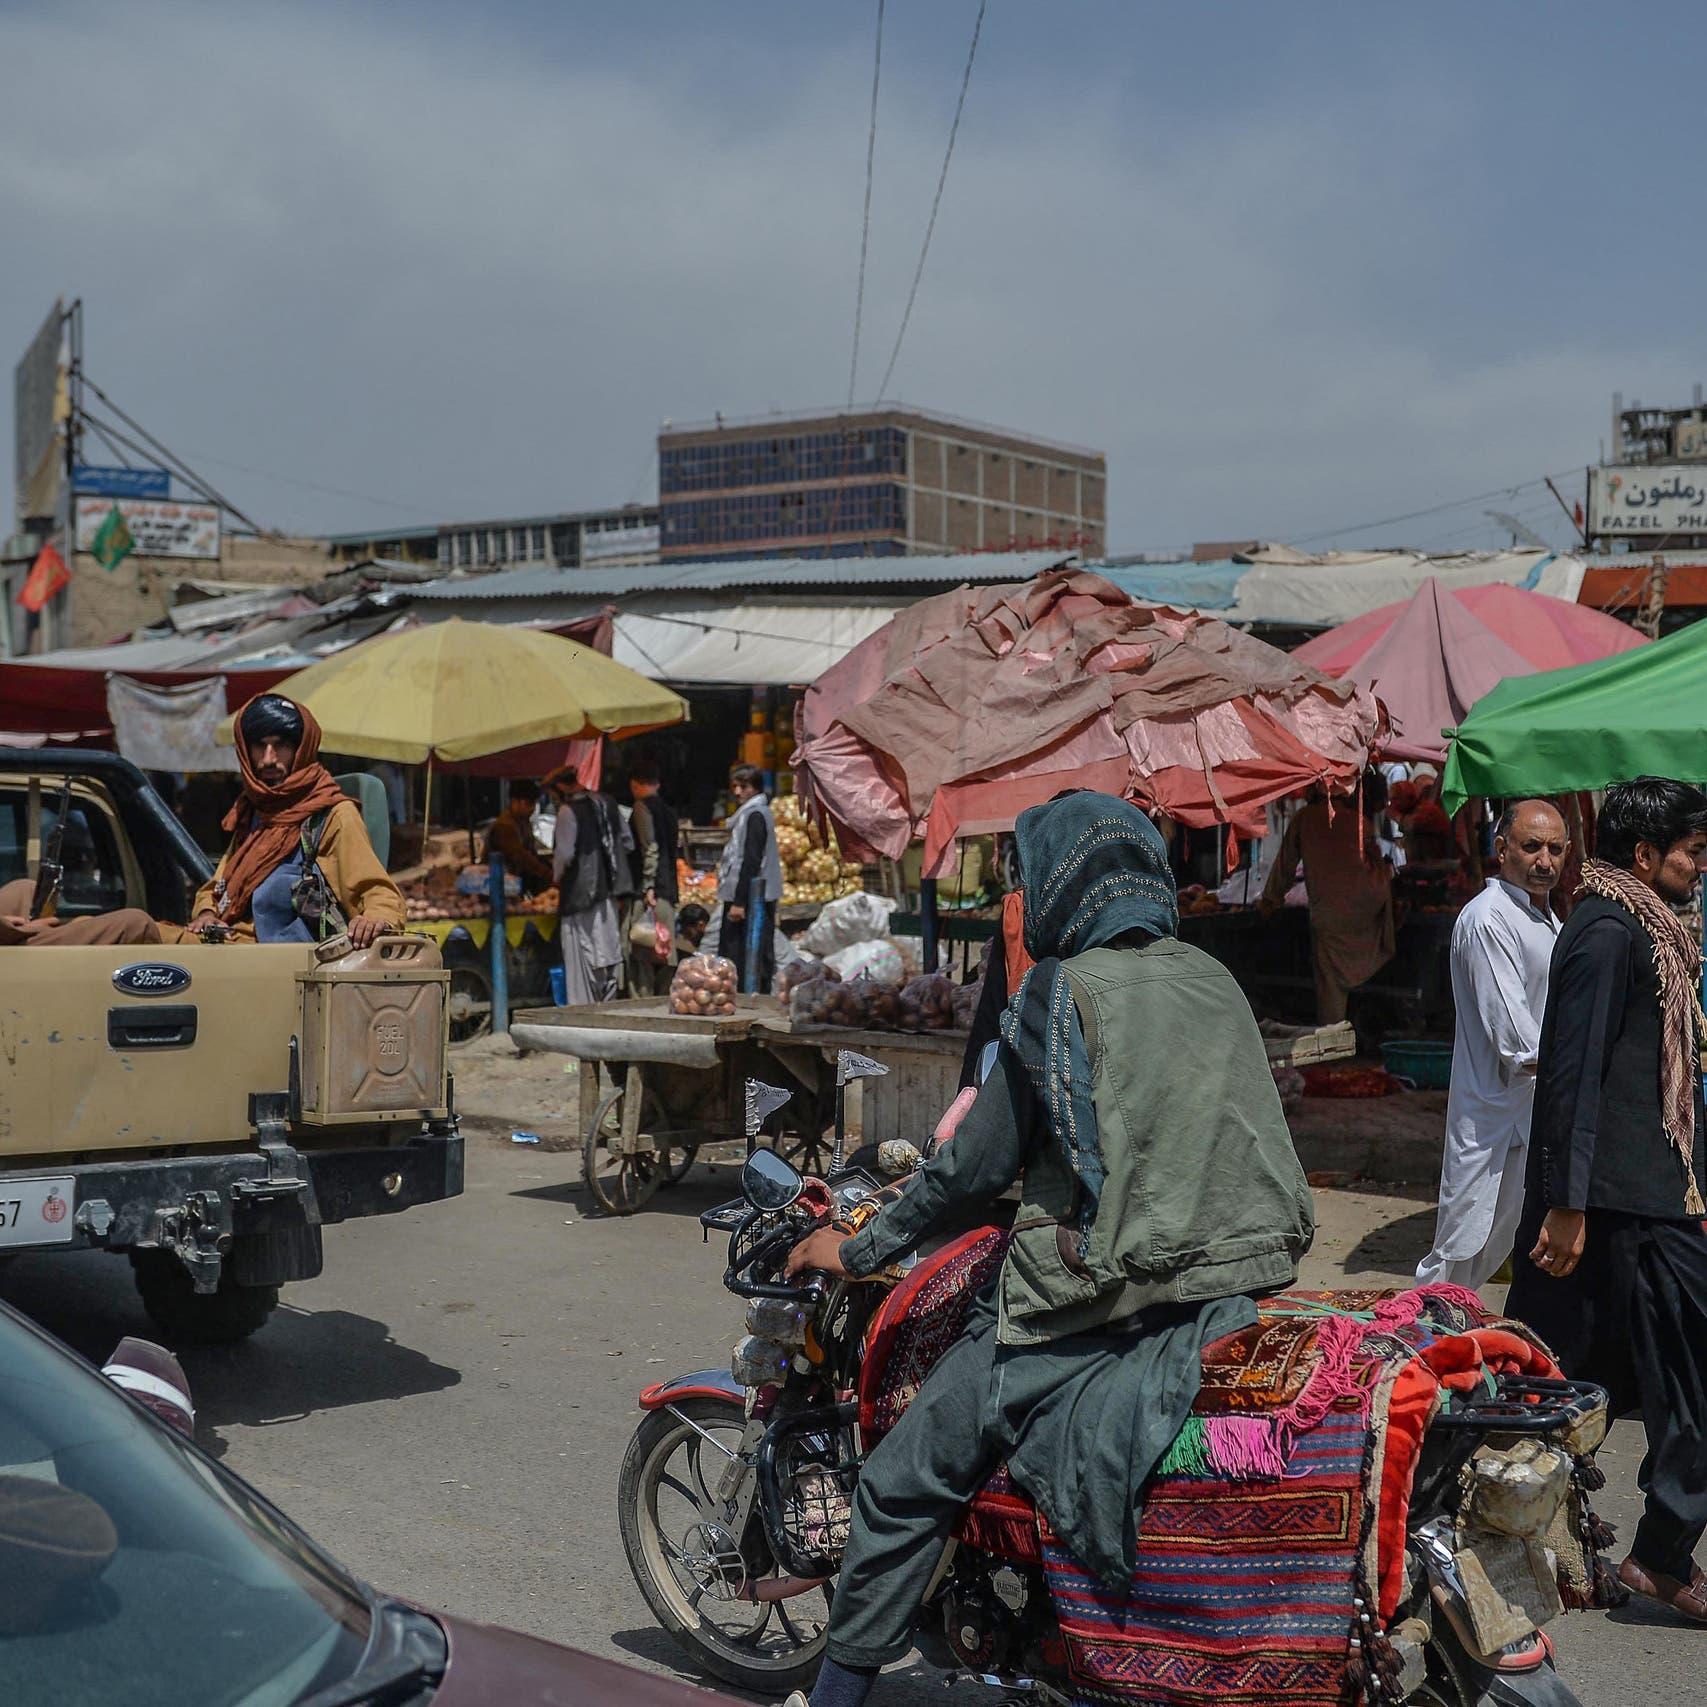 ارتفاع الأسعار واستمرار إغلاق البنوك يزيدان مأساة سكان كابل